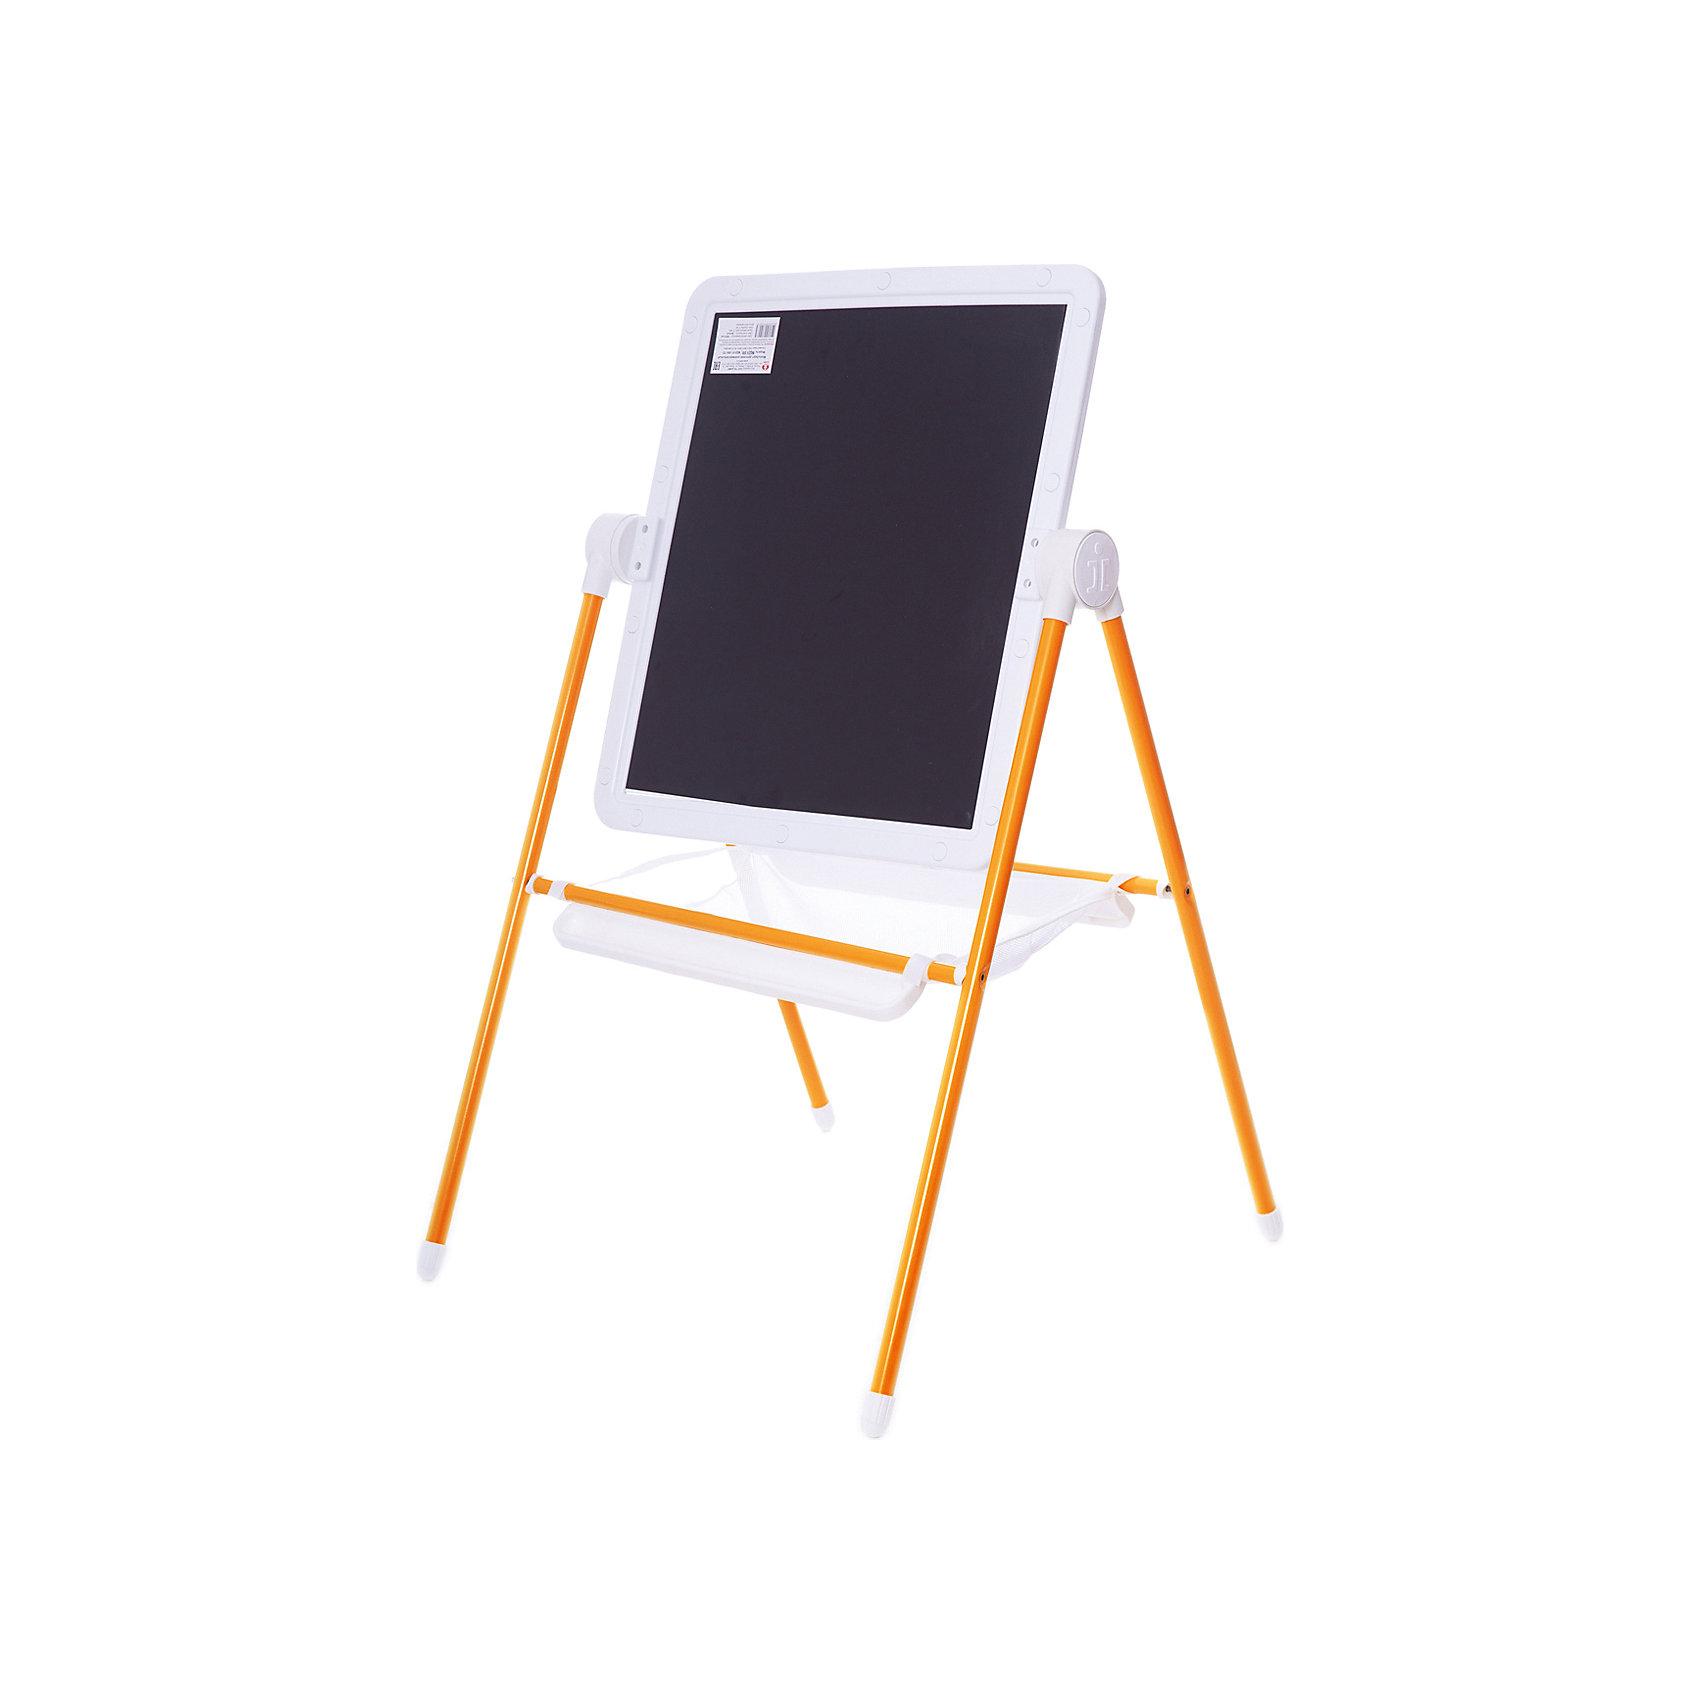 Детский двухсторонний мольберт (оранжевый с белым)Детский двухсторонний мольберт (оранжевый с белым).<br><br>Характеристики:<br><br>- Внимание: буквы и цифры приобретаются отдельно.<br>- Размер рабочей поверхности: 521х462 мм.<br>- Высота мольберта (при вертикальном положении экрана): 1032 ±2мм.<br>- Материал: пластик, металл<br>- Цвет: белый, оранжевый, черный<br>- Размер упаковки: 720х610х100 мм.<br>- Вес: 1112 гр.<br><br>Мольберт с 2 магнитными поверхностями - это лучший помощник в игре и учебе. На нем удобно размещать магнитные фигуры и буквы алфавита. Уникальная конструкция мольберта позволяет менять угол наклона экрана - для еще большего комфорта юных художников! Белая сторона экрана (доски) служит для нанесения надписей маркерами на водной основе. Черная сторона – для нанесения надписей мягкими мелками. К стойкам мольберта устанавливаются два лотка для канцелярских принадлежностей – мелки, маркеры, карандаши всегда будут под рукой! Имеется вместительный бокс-сетка для хранения игрушек и принадлежностей для творчества. Горизонтальное положение поверхности мольберта превращает его в площадку для игры. Мольберт идеально сочетается с детской складной мебелью «Дэми».<br><br>Детский двухсторонний мольберт с буквами (оранжевый с белым) можно купить в нашем интернет-магазине.<br><br>Ширина мм: 720<br>Глубина мм: 610<br>Высота мм: 100<br>Вес г: 1112<br>Возраст от месяцев: 12<br>Возраст до месяцев: 72<br>Пол: Унисекс<br>Возраст: Детский<br>SKU: 5096940